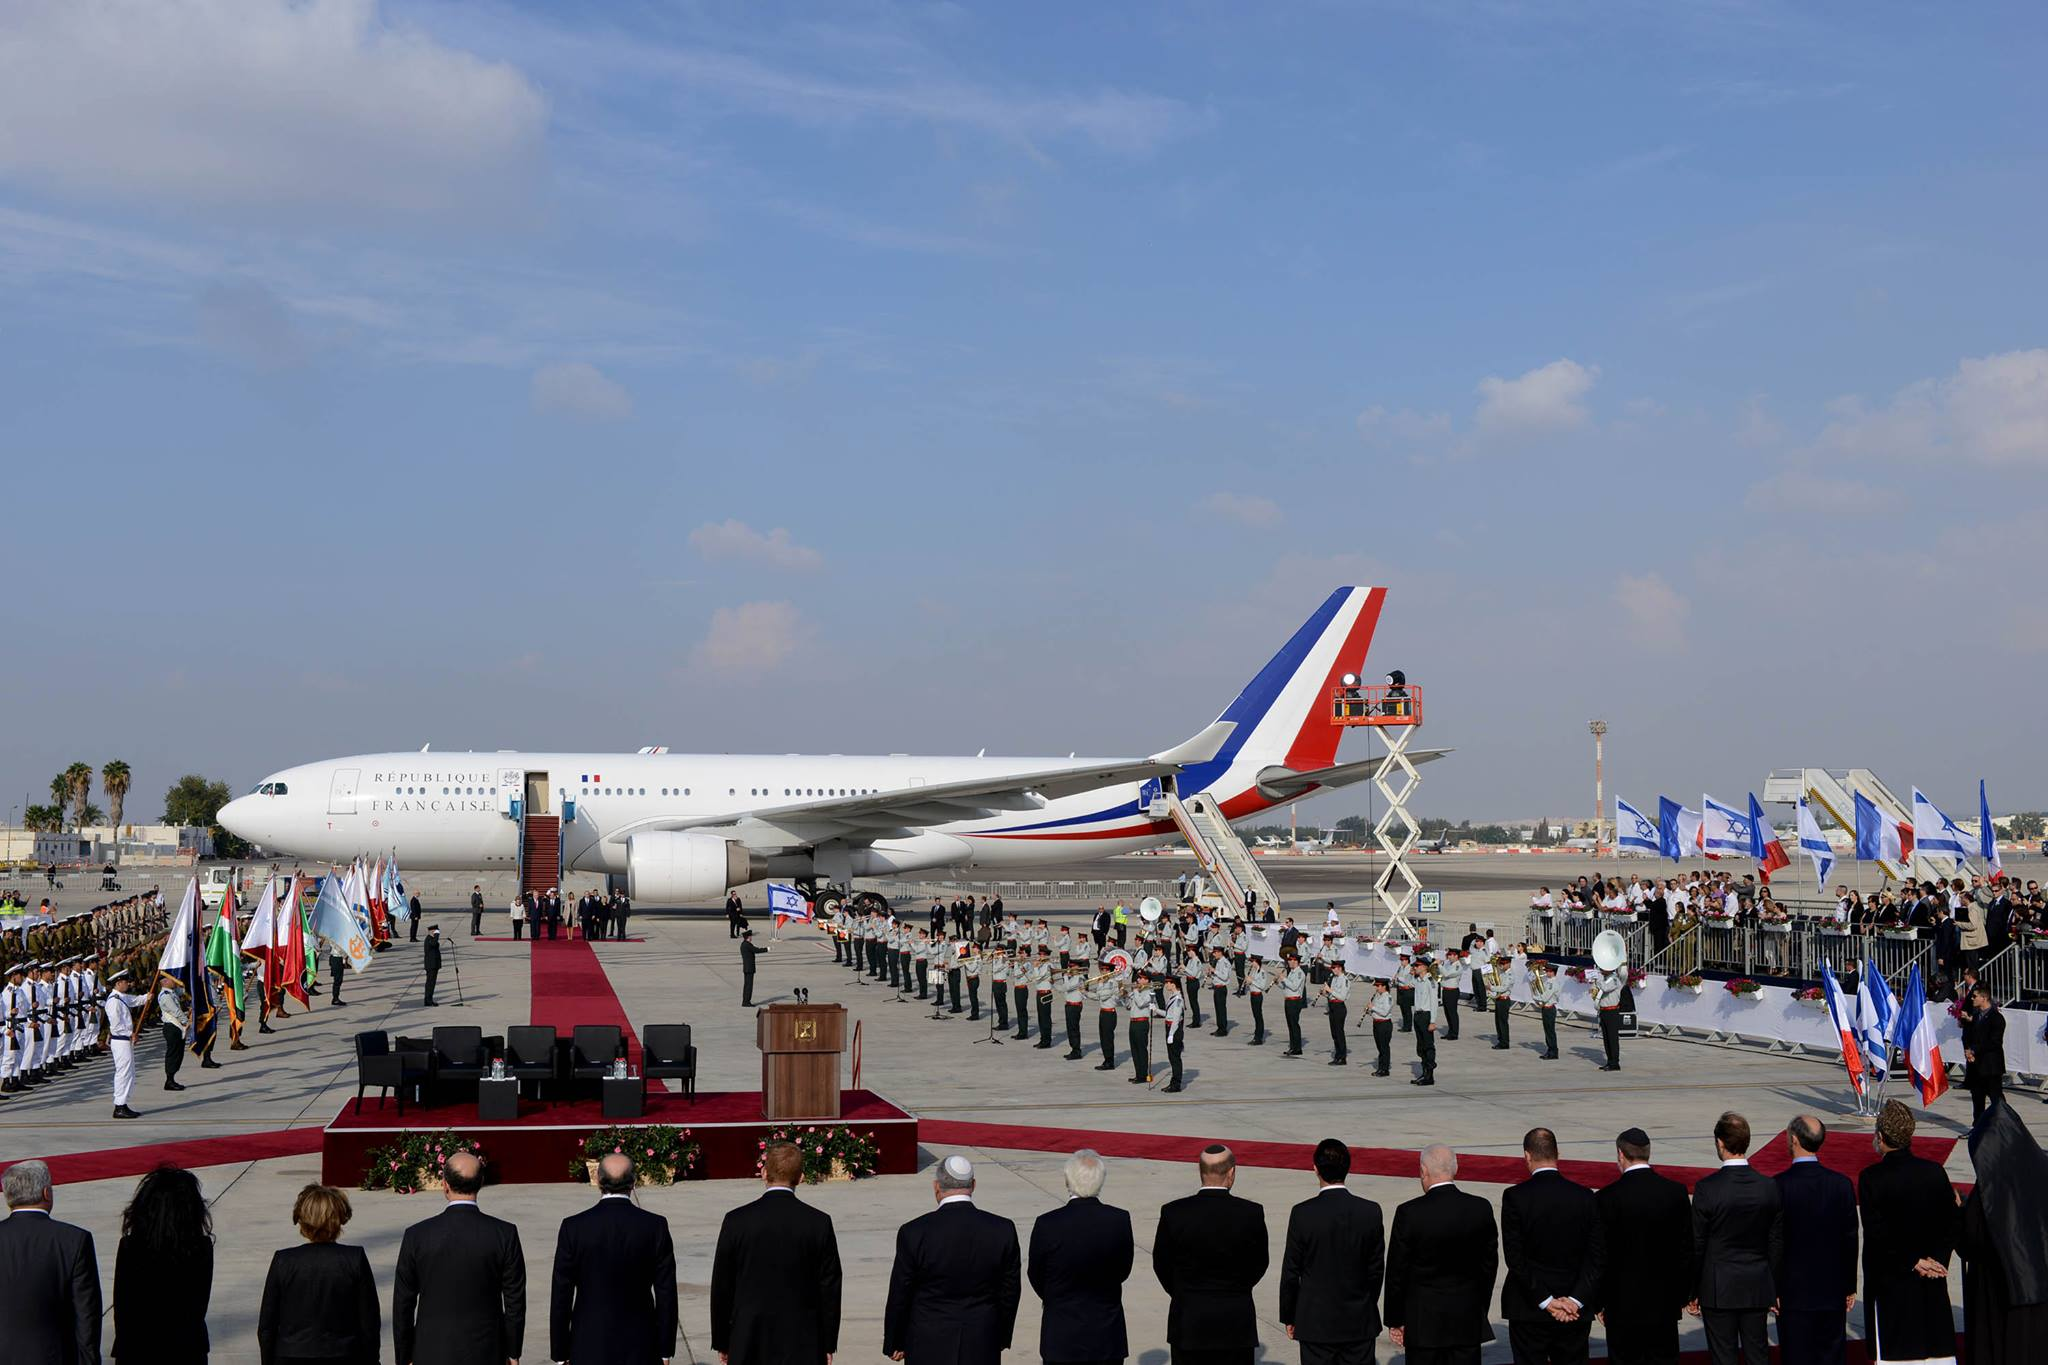 """קבלת הפנים בנתב""""ג: מסדר כבוד למרגלות המטוס הנשיאותי (צילום: קובי גדעון/לע""""מ)"""